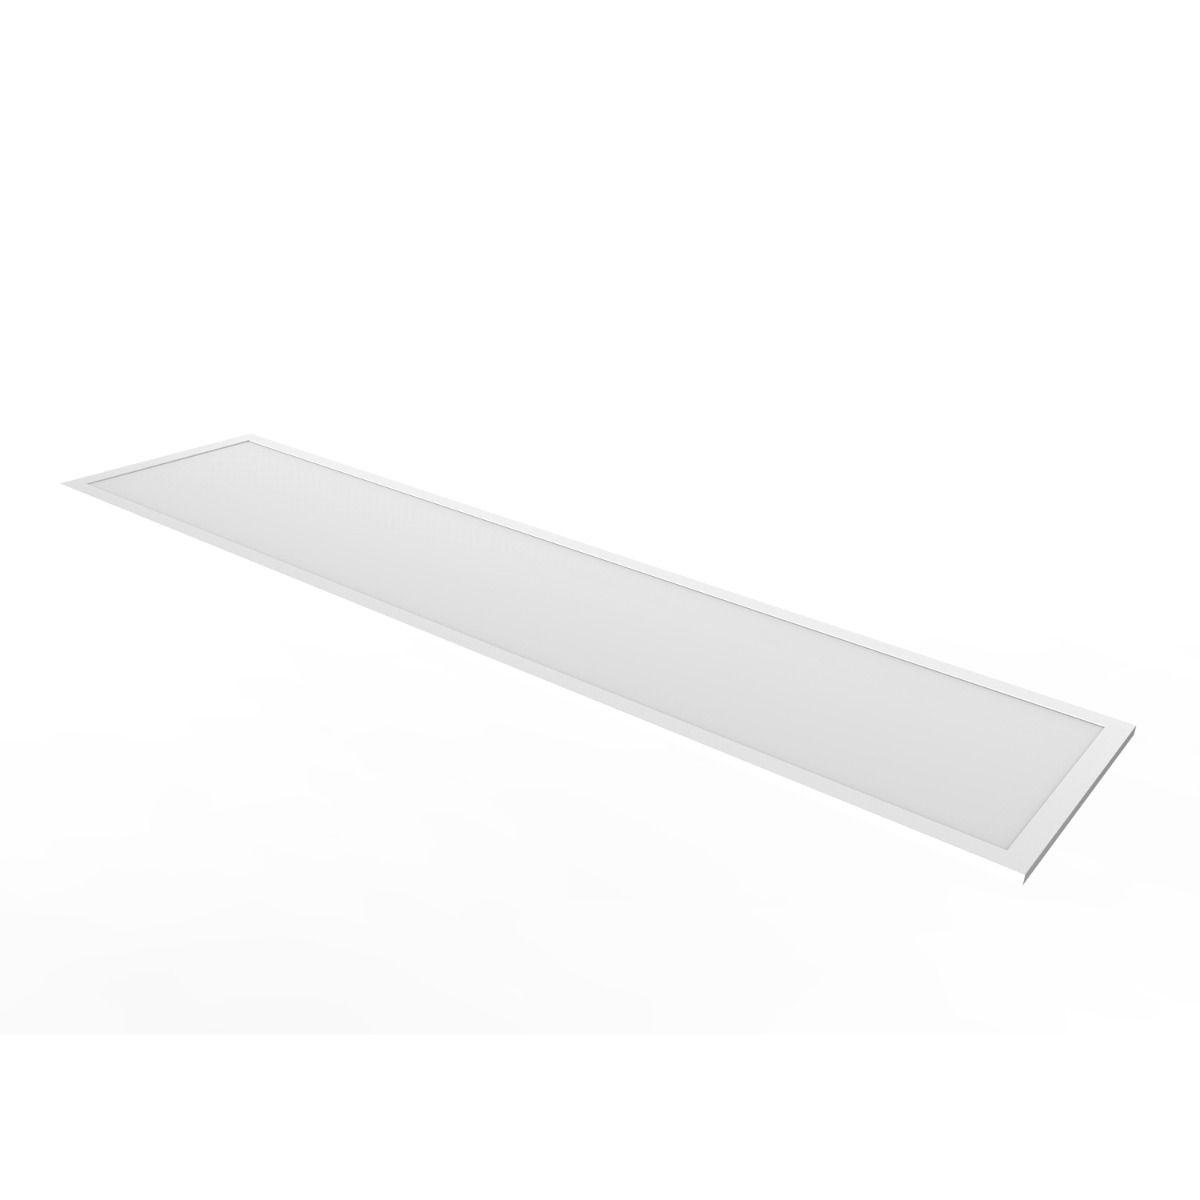 Noxion Panneau LED Ecowhite V2.0 30x120cm 4000K 36W UGR <22   Blanc Froid - Substitut 2x36W